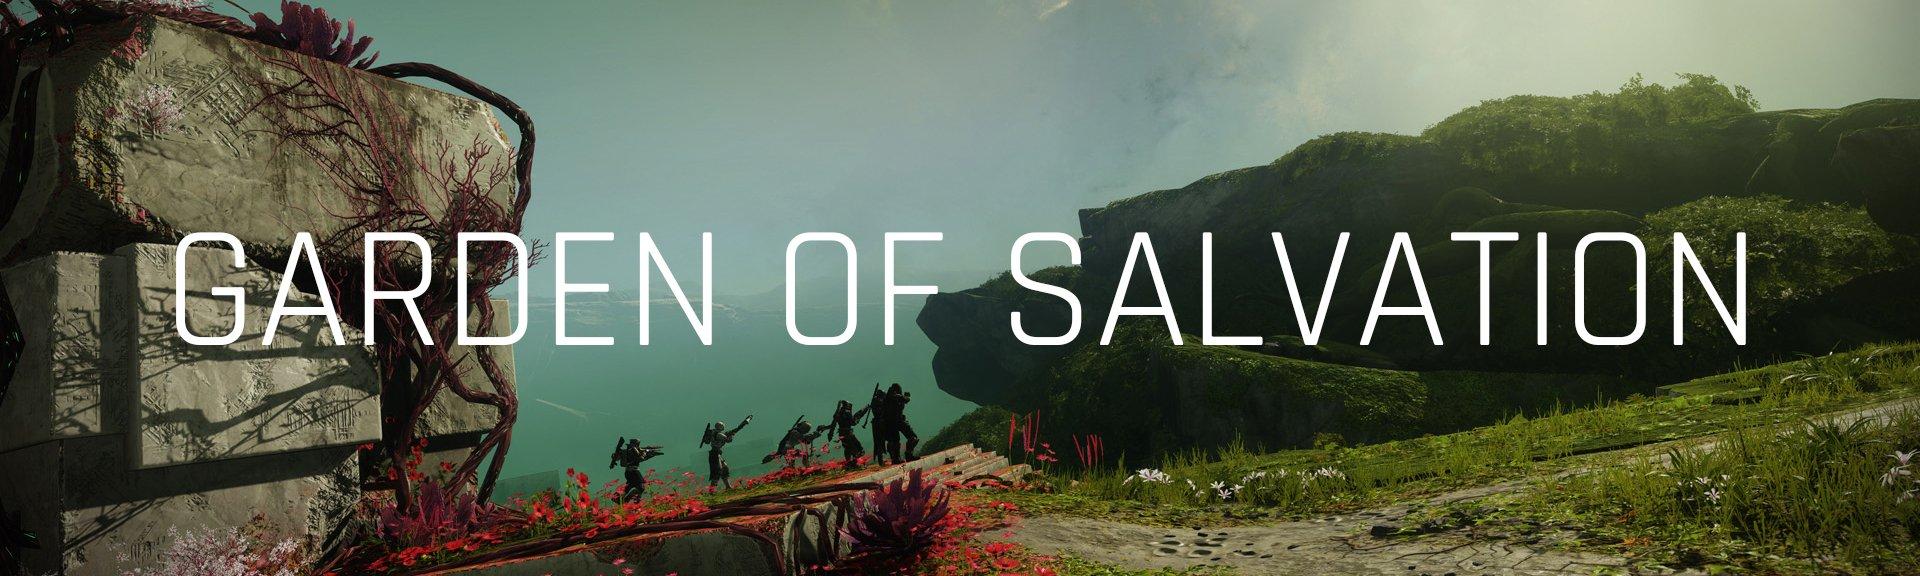 Destiny 2 Garden of Salvation raid guide